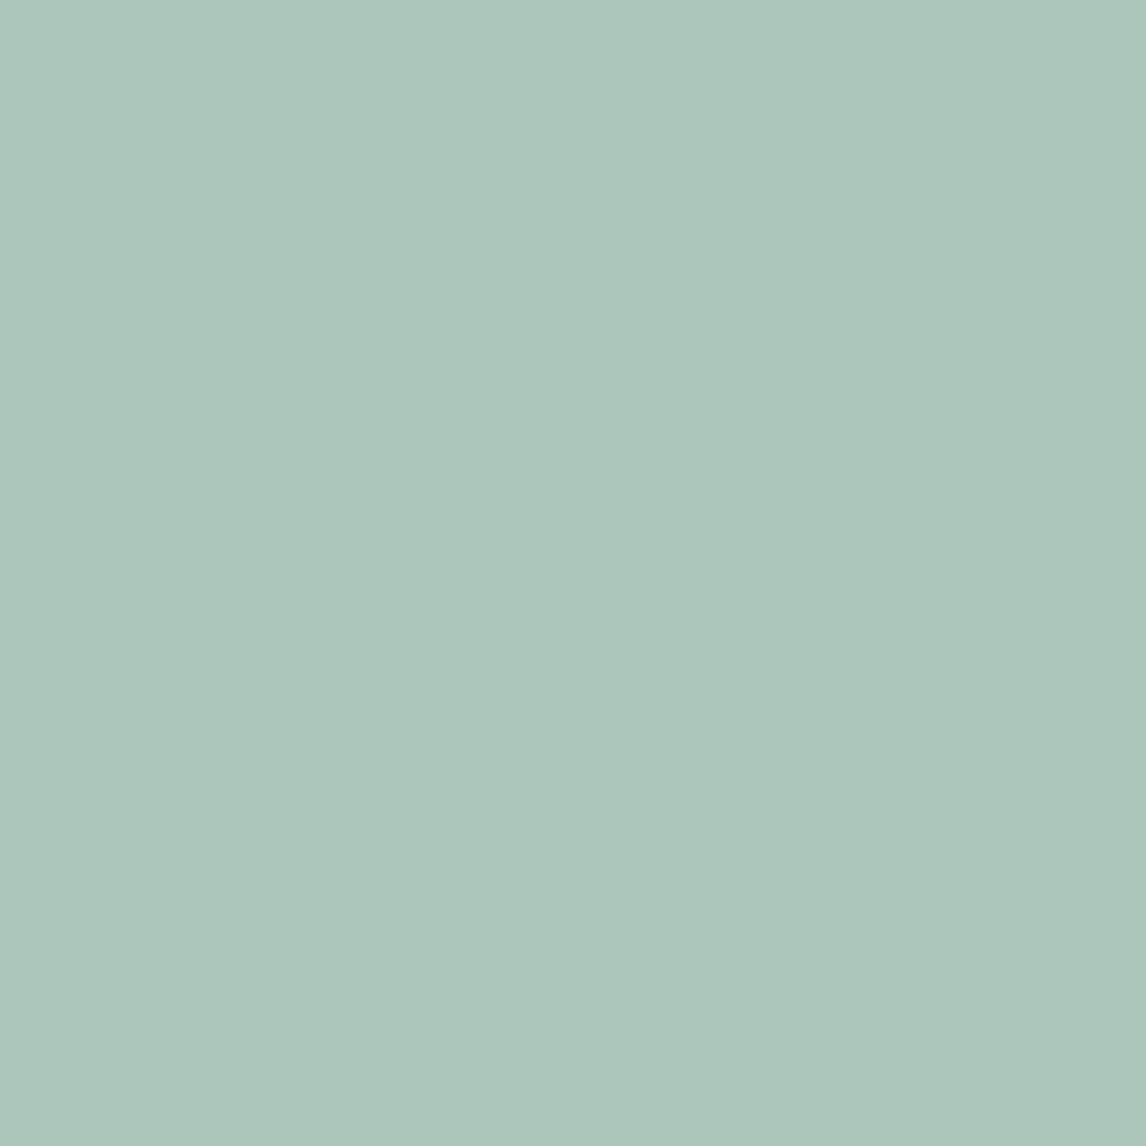 Green square sizes pitshanger ltd Sage green pantone